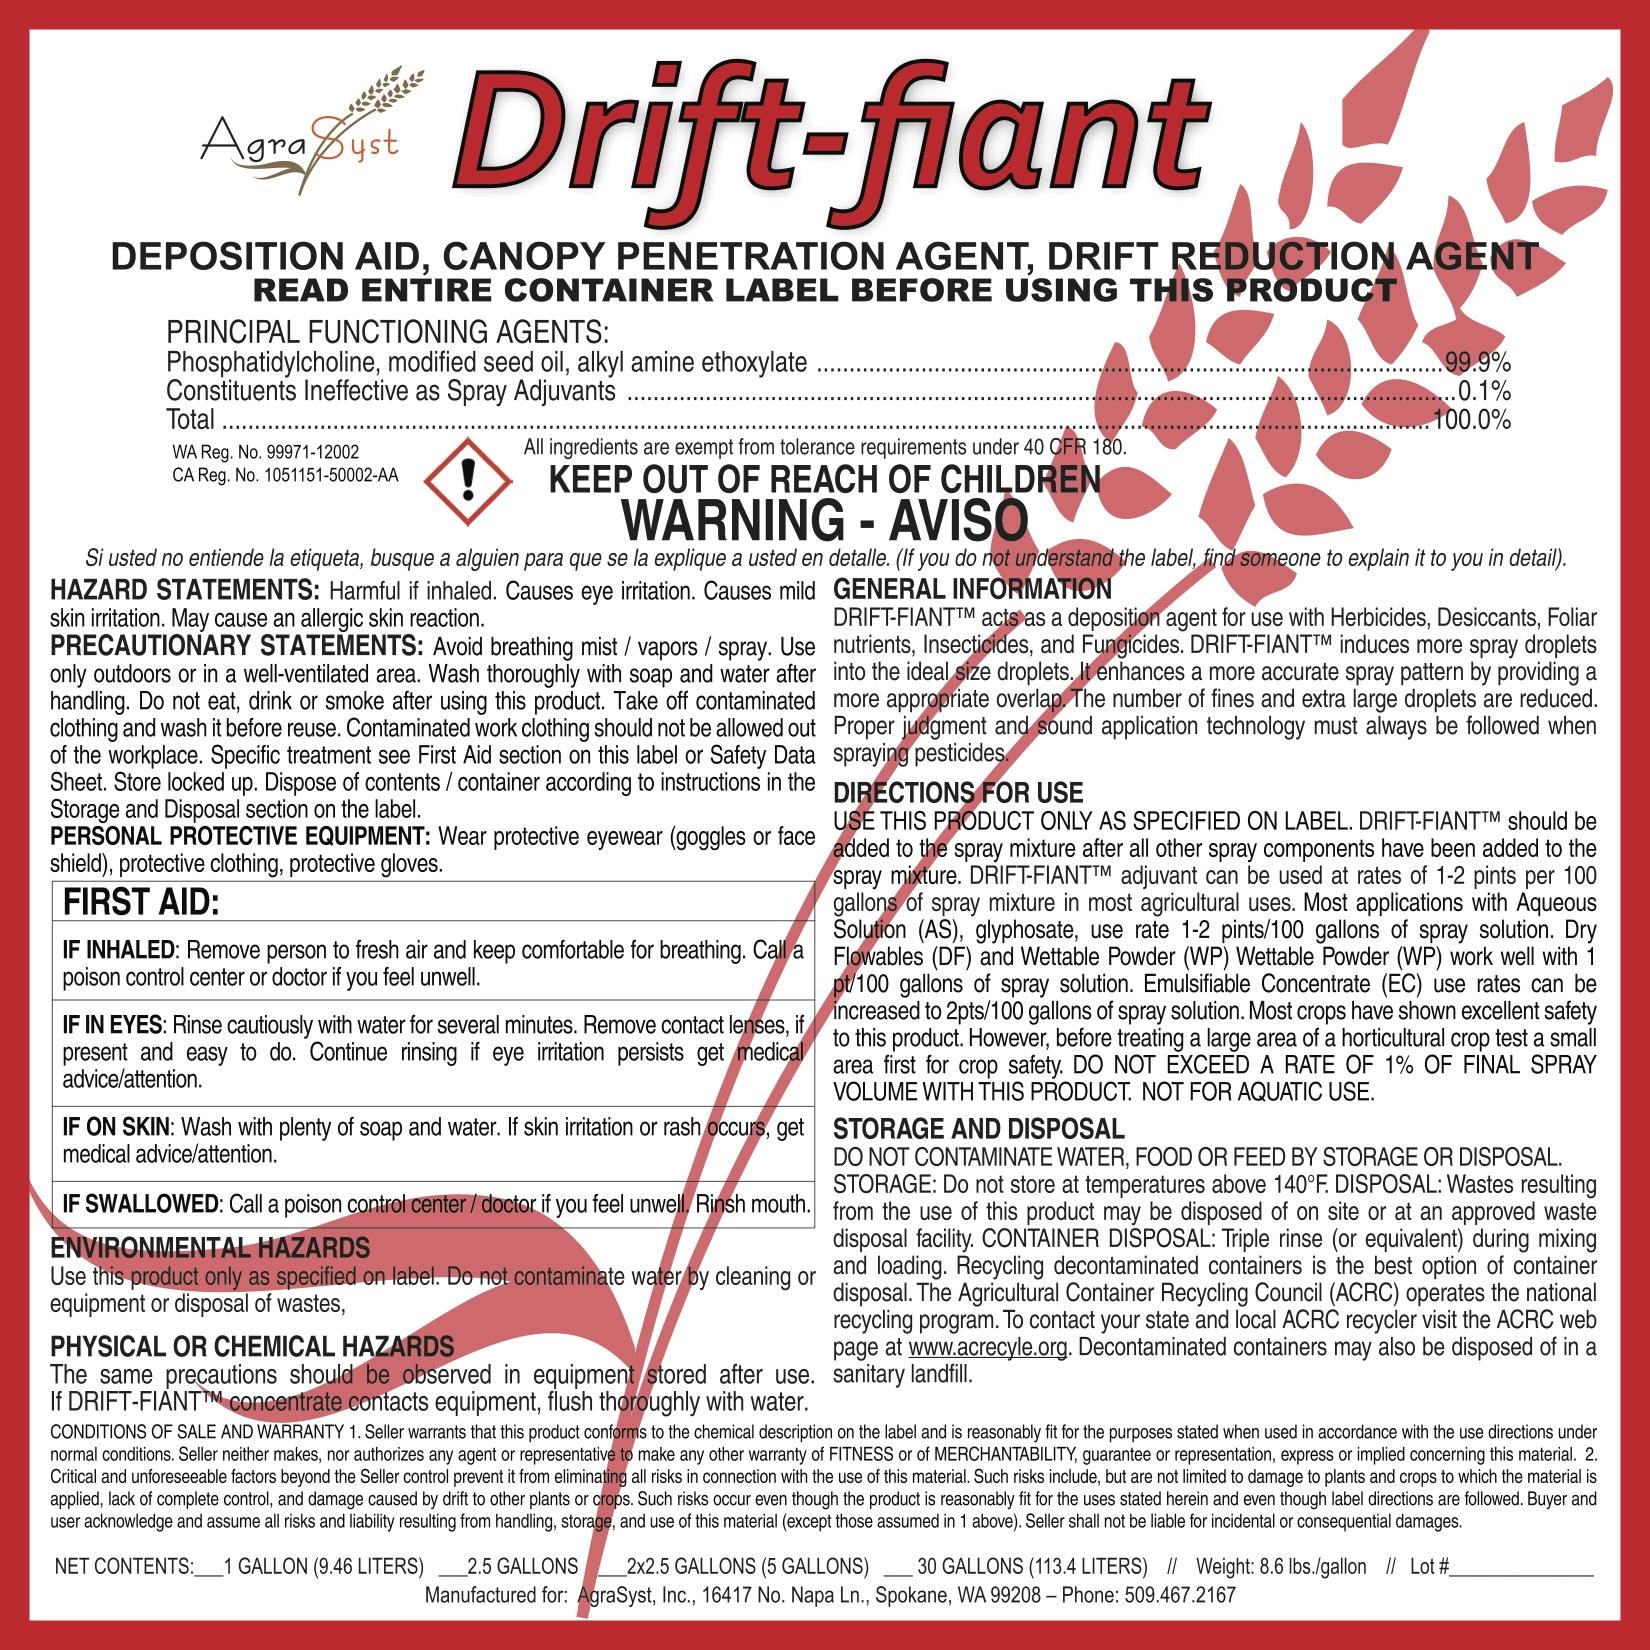 DRIFT-FIANT_front.jpg